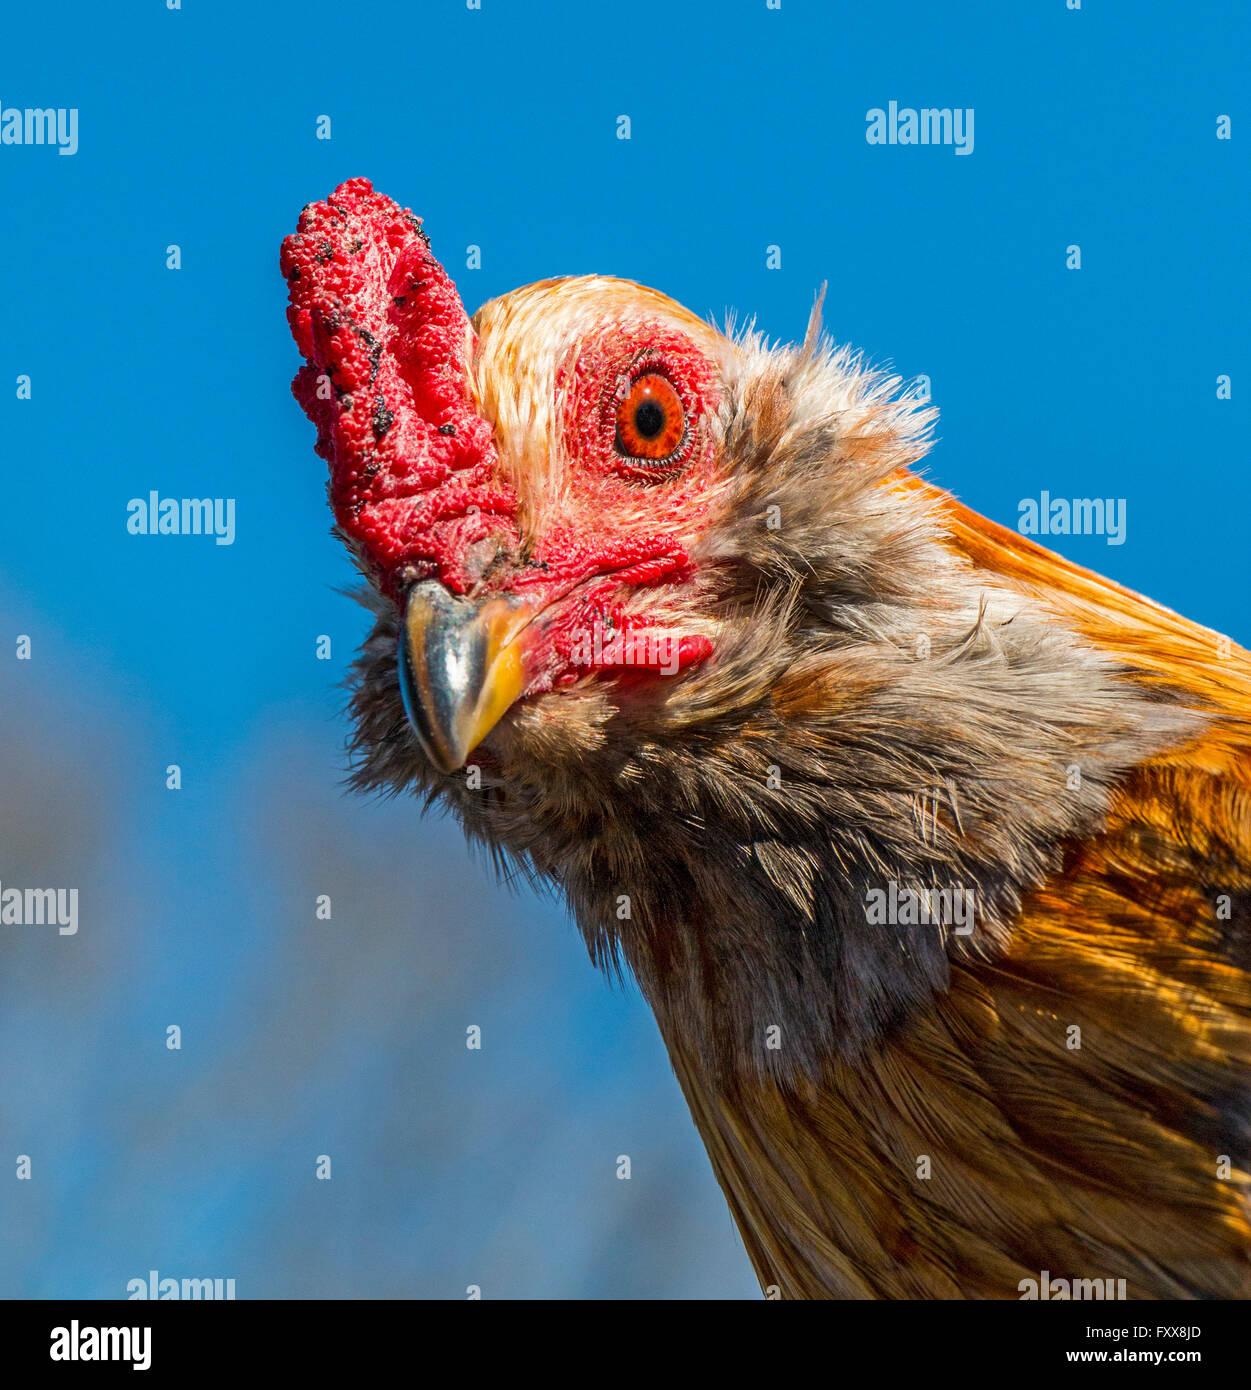 Uno dei galli inseguito durante il Mardi Gras il pollaio durante il Lake Charles family friendly Mardi Gras. Immagini Stock